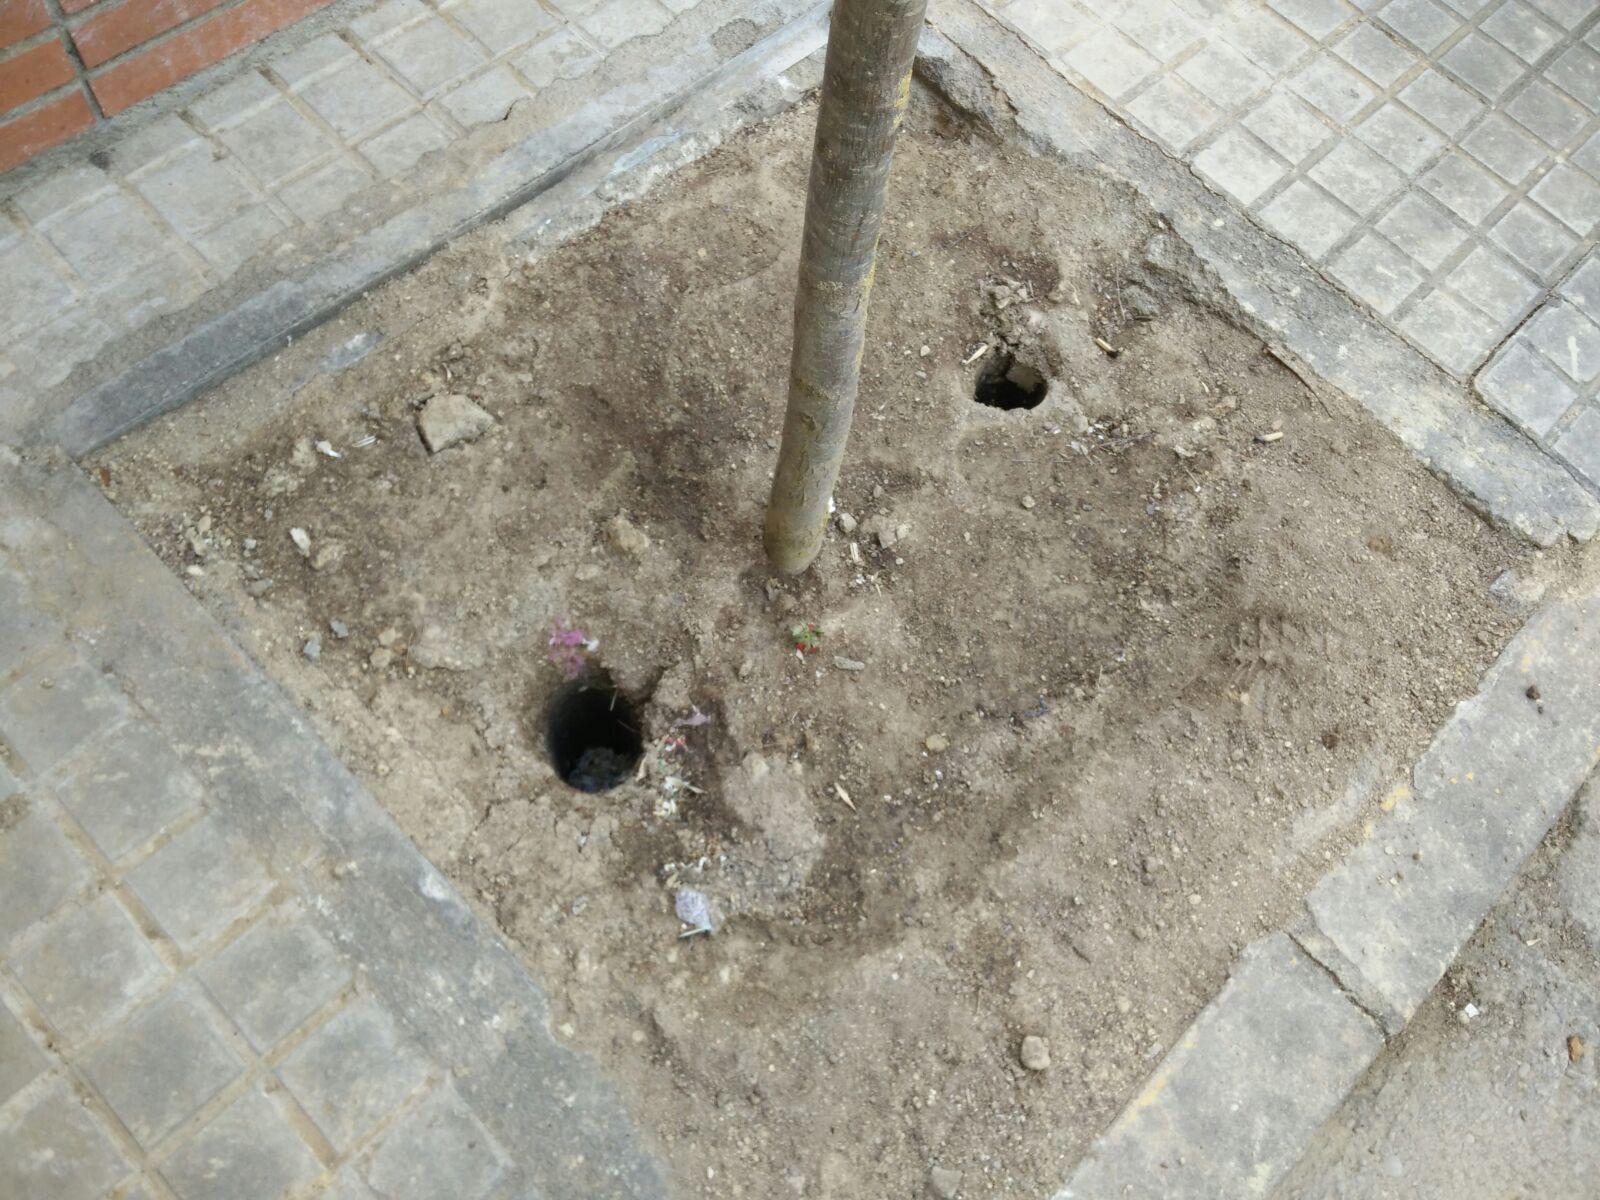 Desapareixen quatre tutors dels arbres del carrer Verge del Cap